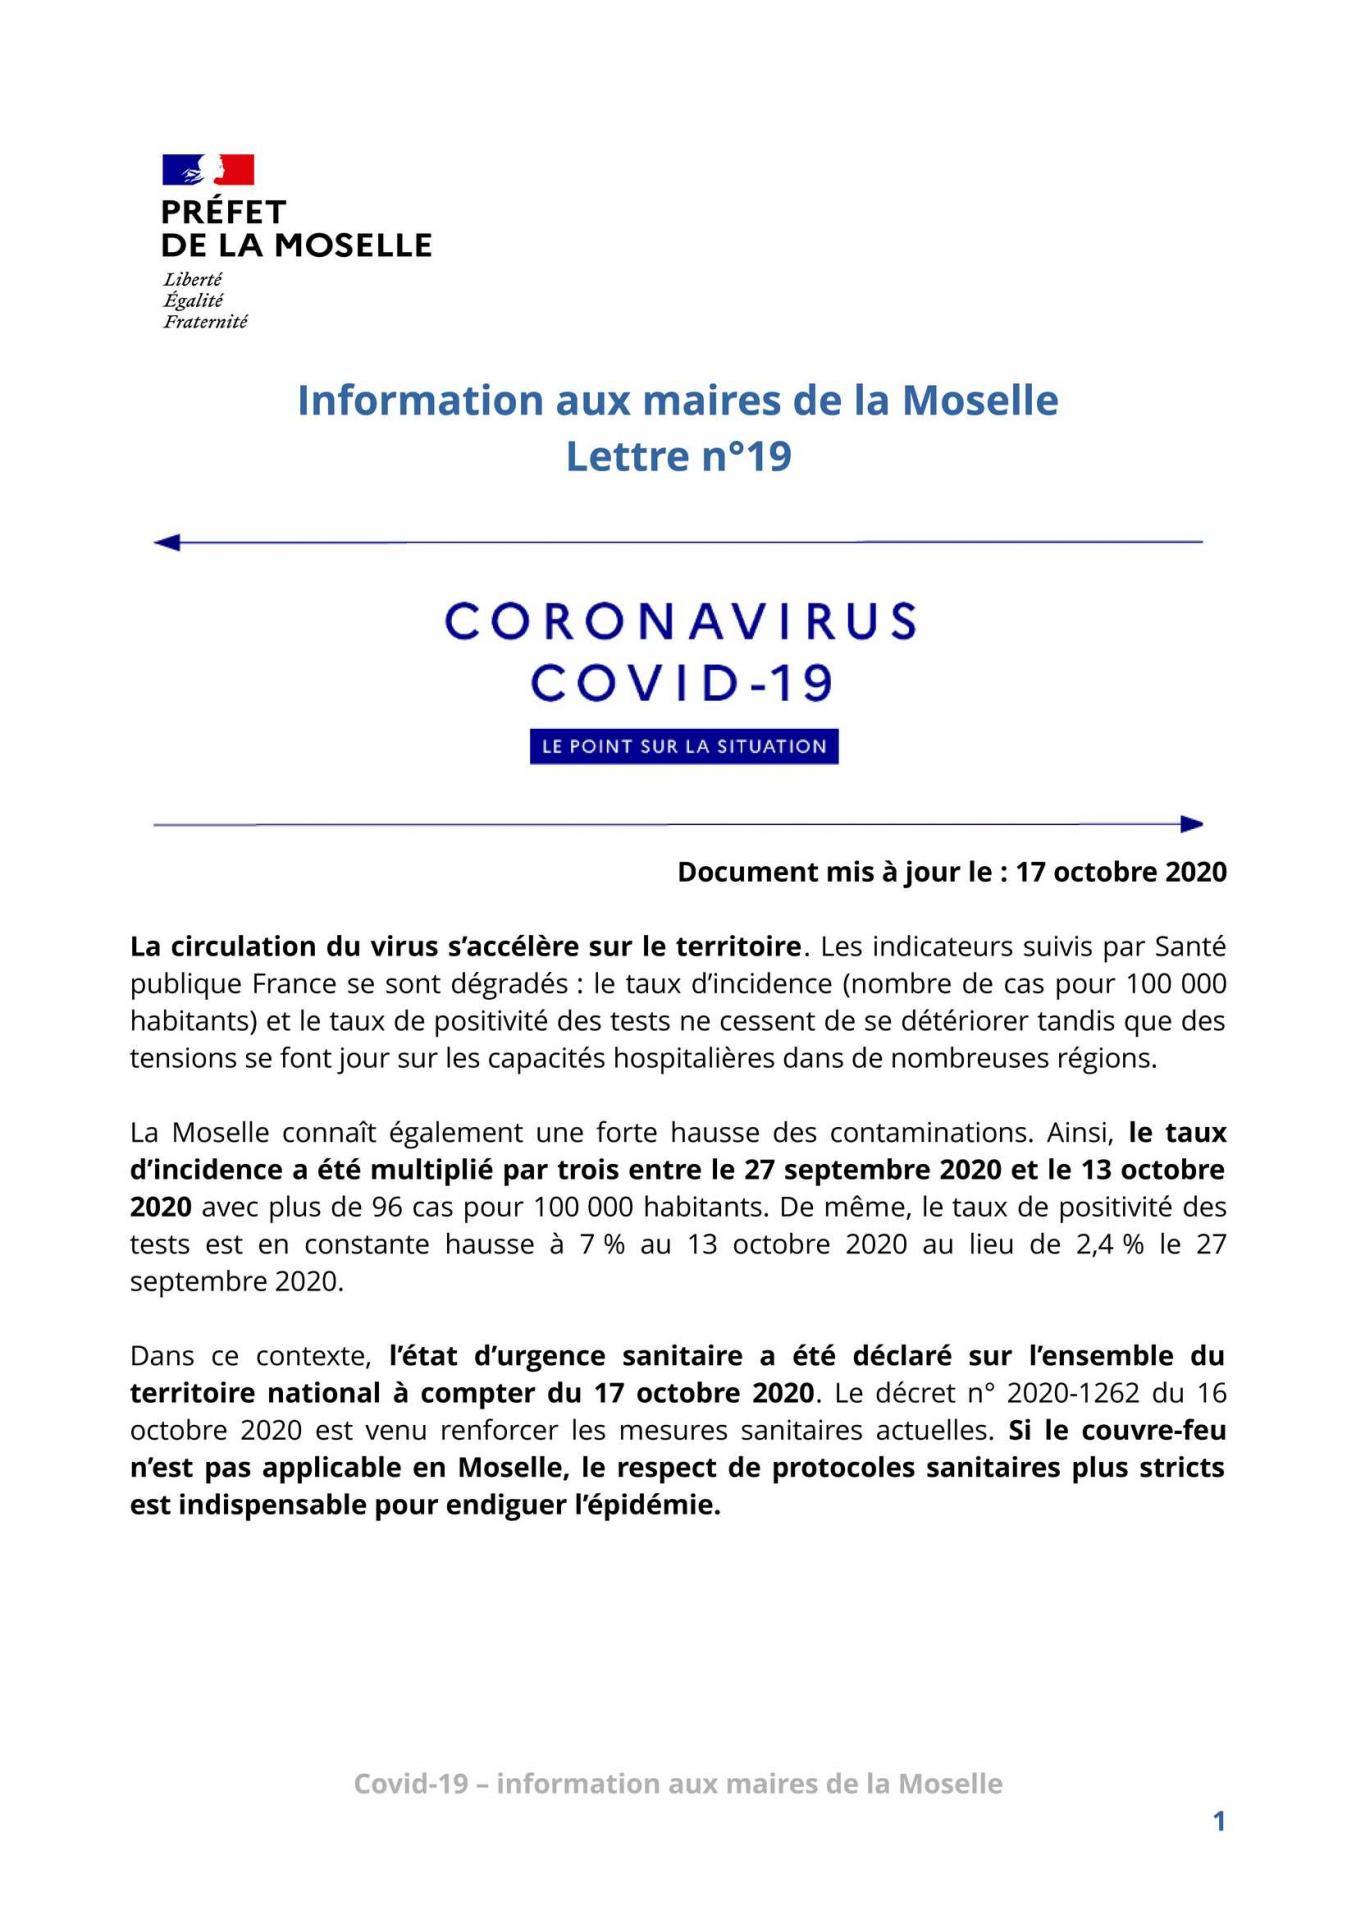 Pages de lettre d information aux maires n 19 covid page 1